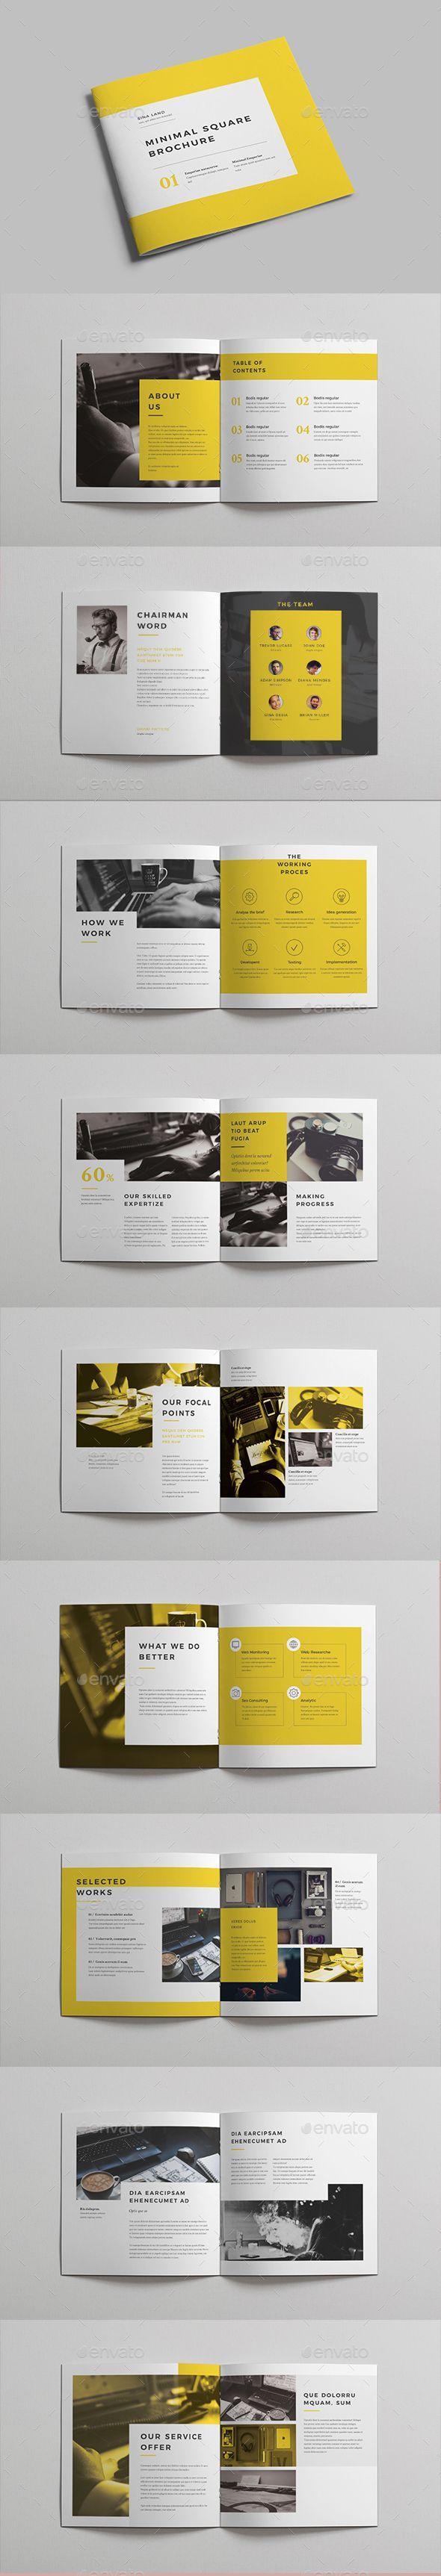 Minimal Square Brochure vol 2 | Diseño editorial, Folletos y Editorial